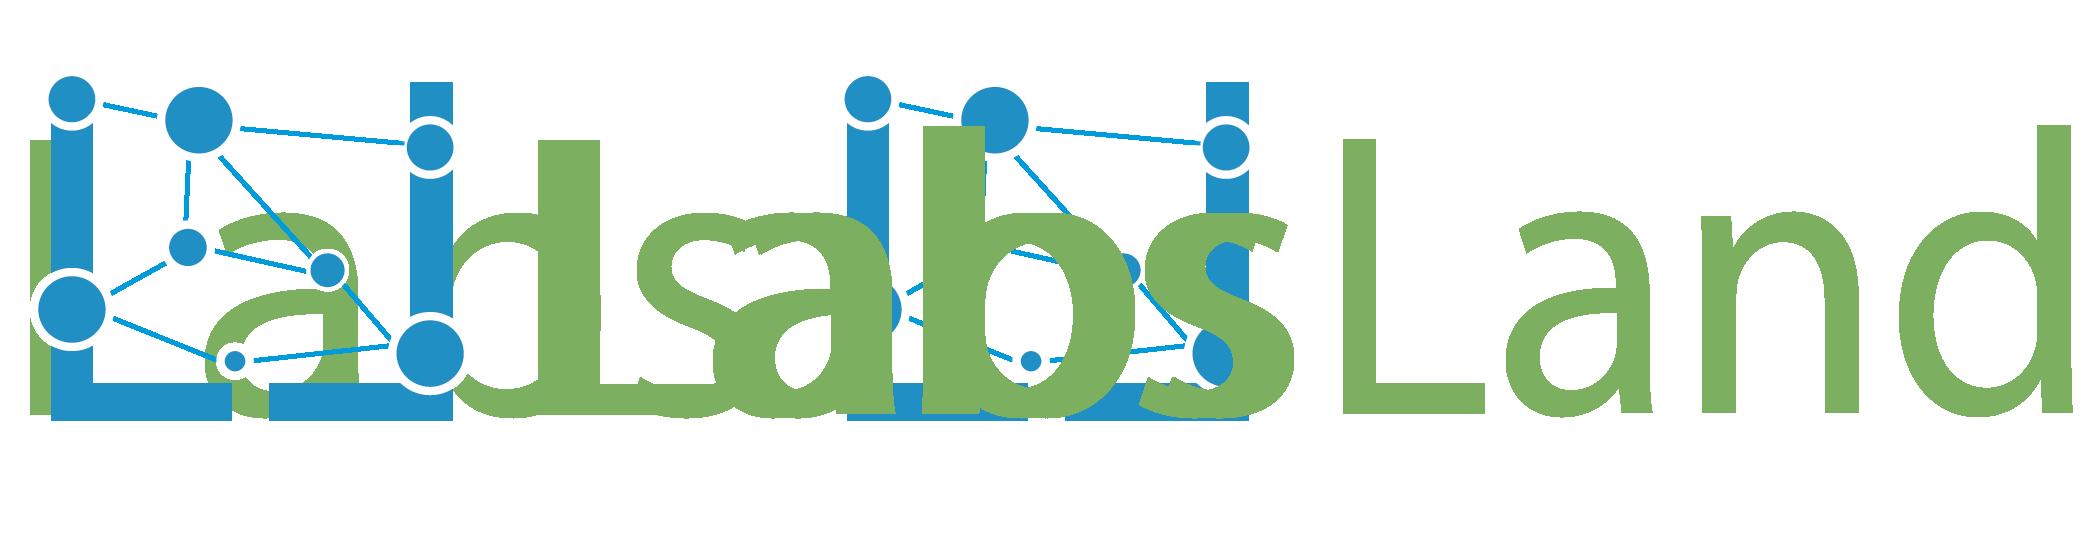 https://labsland.com/images/logo_long.png